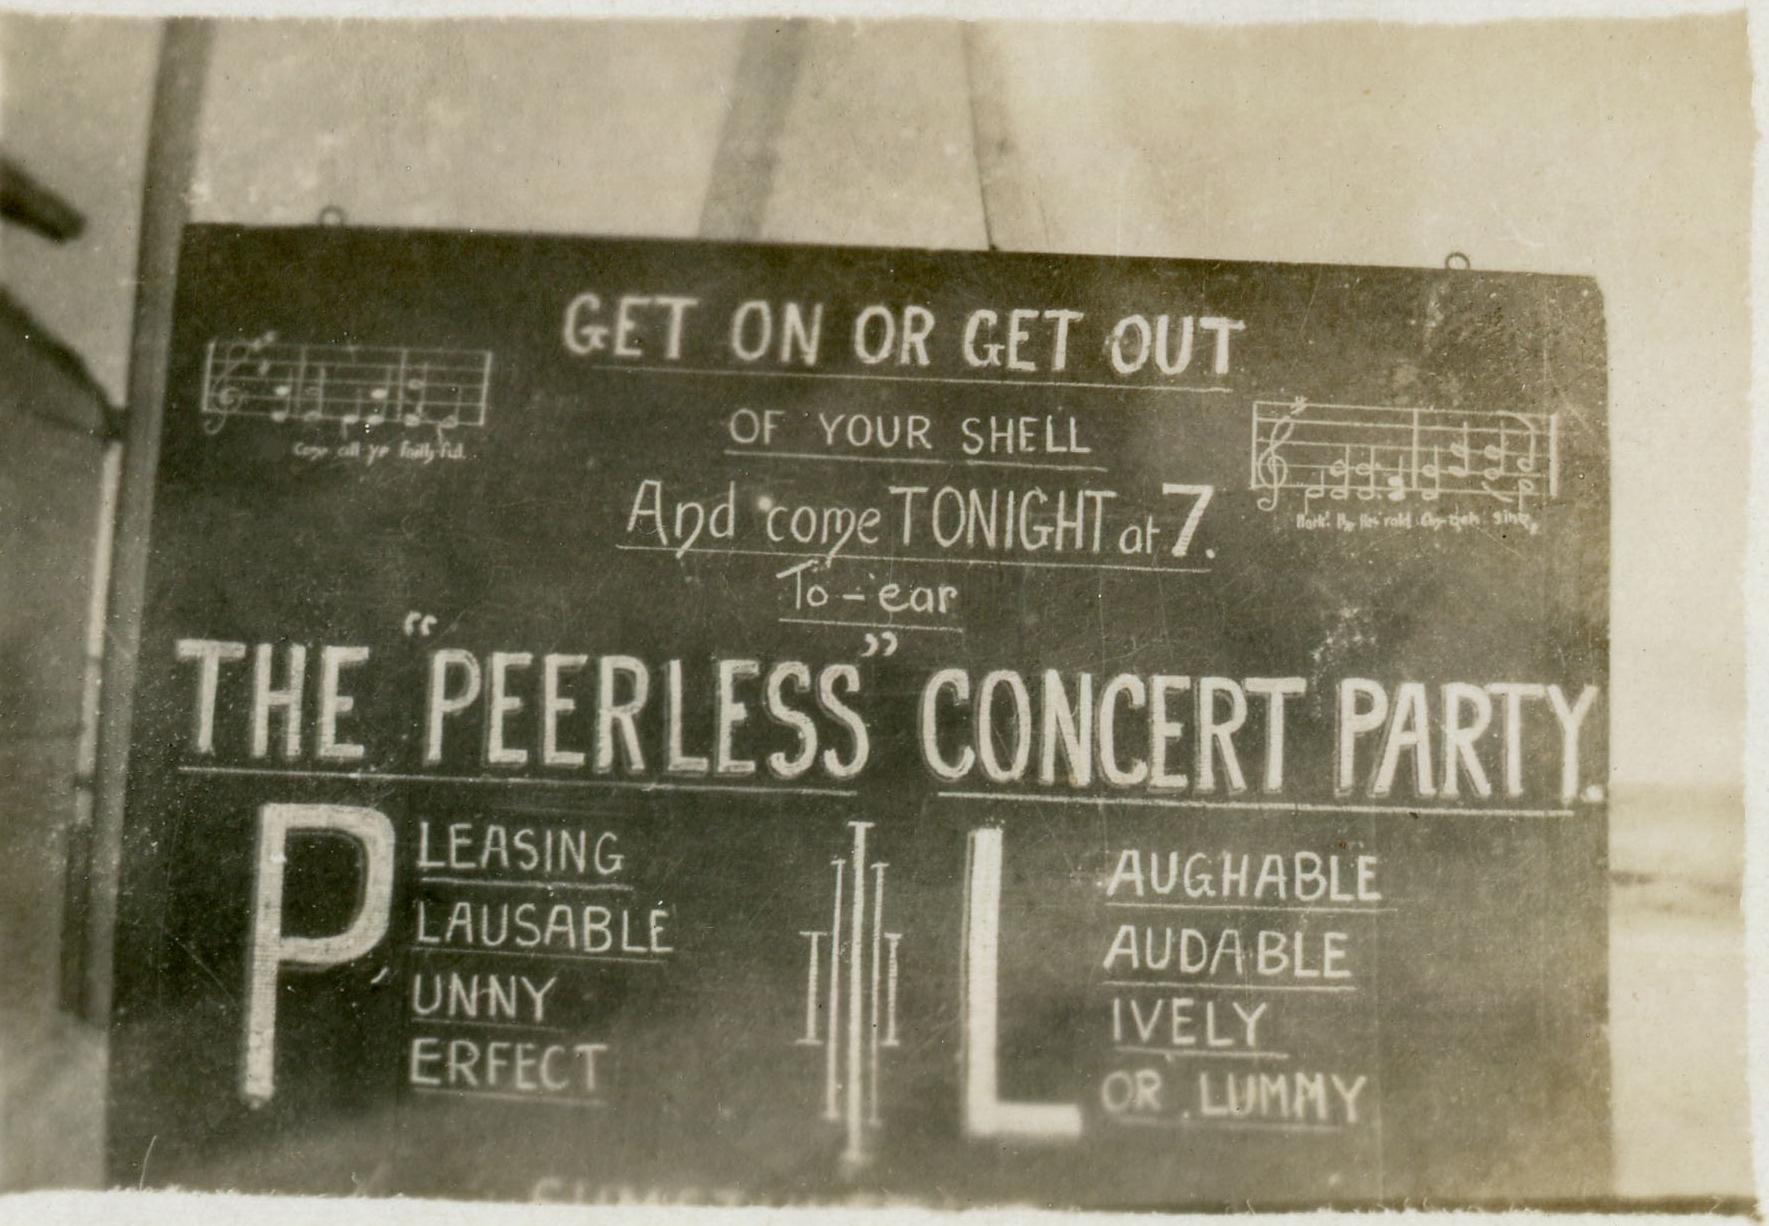 reg walters048 Peerless Concert Party.jpg